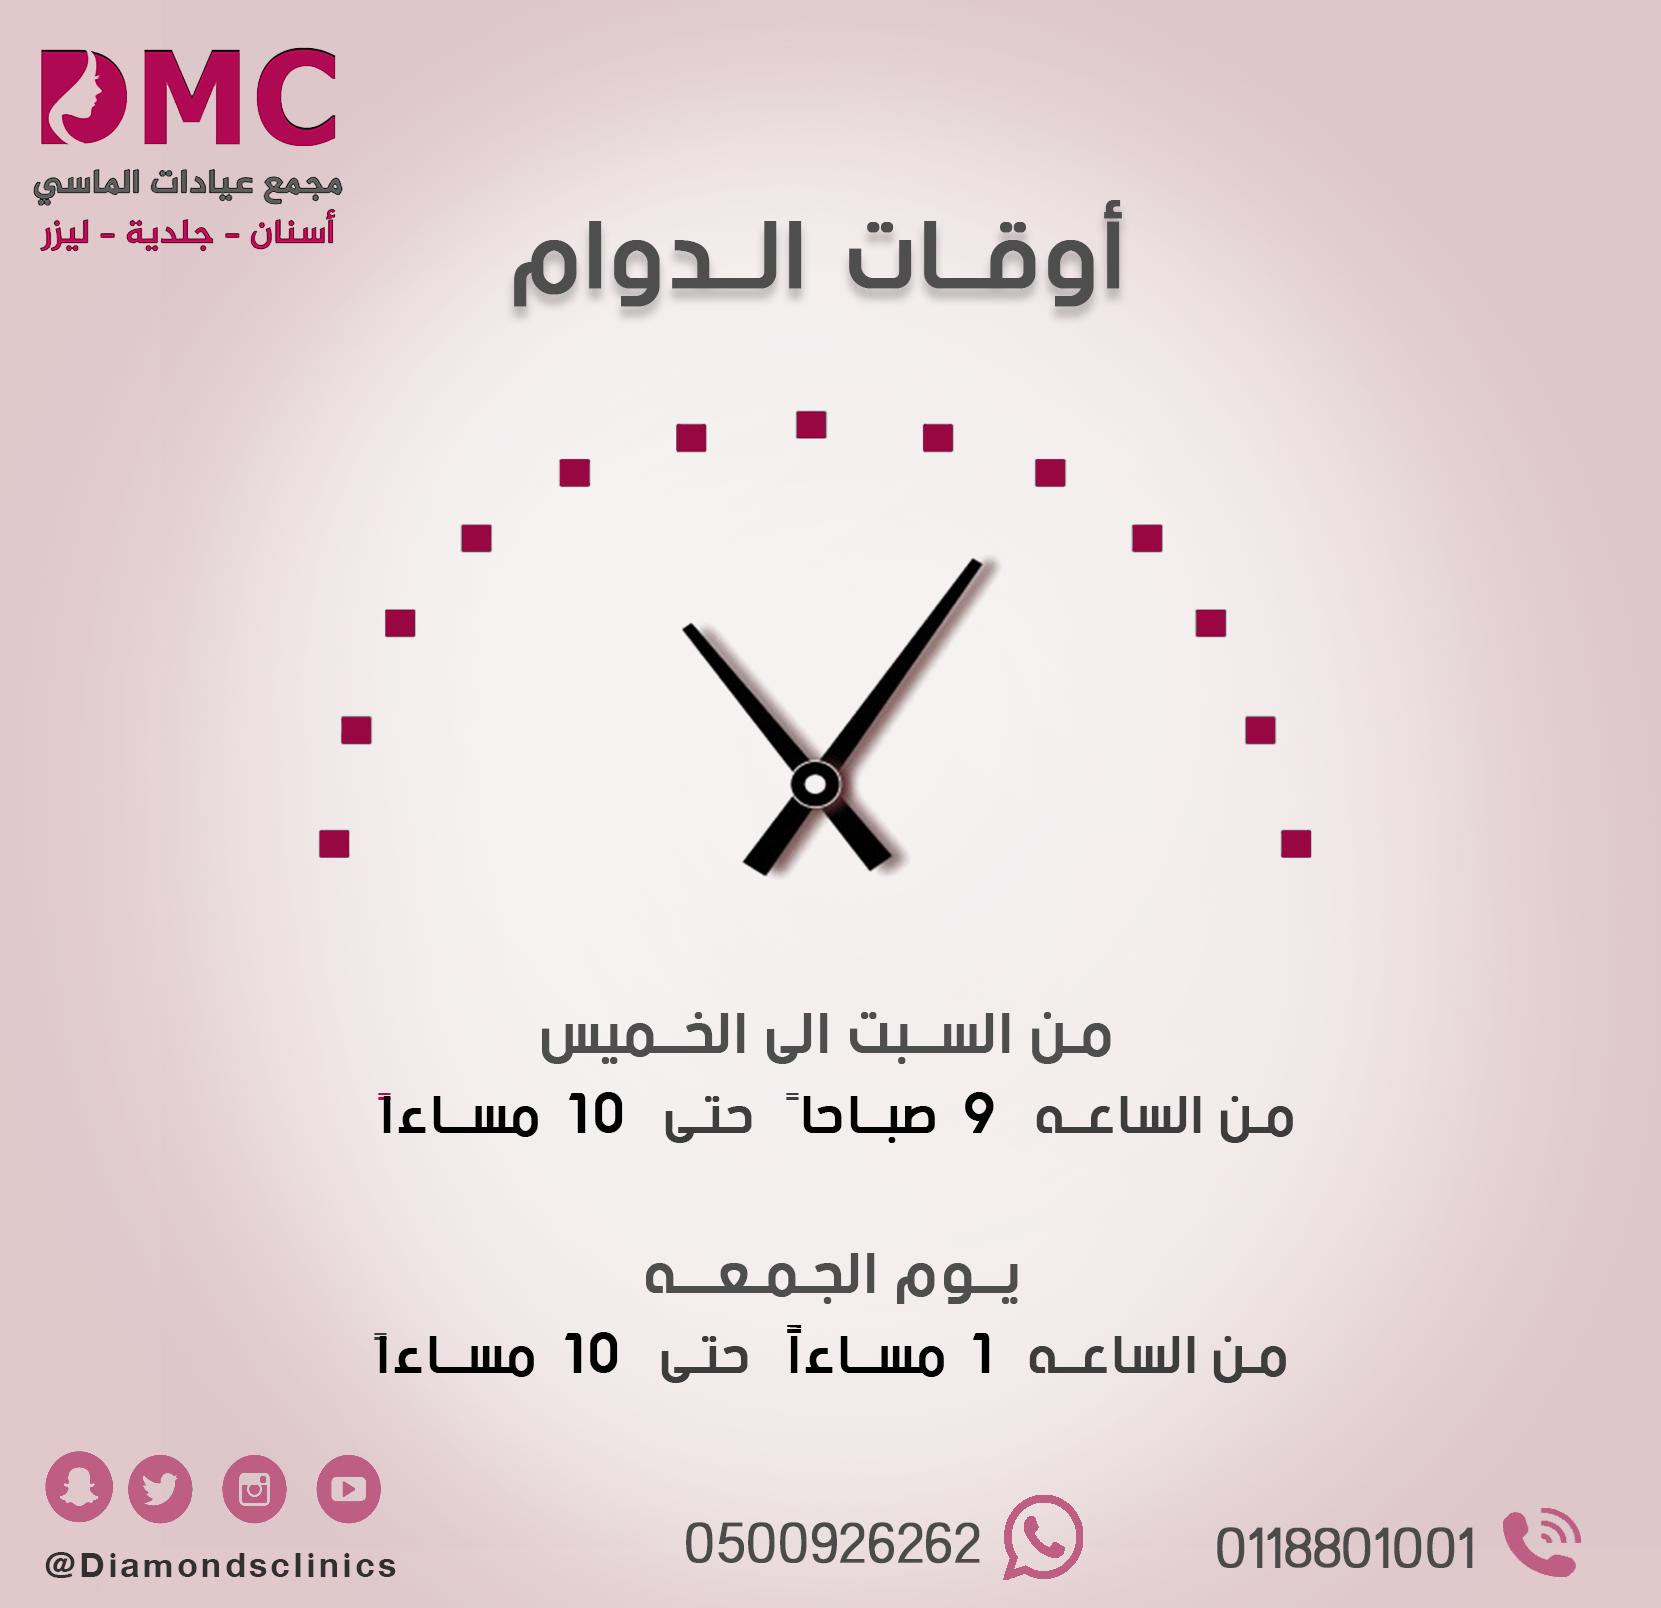 اوقات العمل من السبت الى الخميس من الساعة 9 صباحا وحتى 10 مساء يوم الجمعه من الساعة 1 ظهرا الى 10 مساء